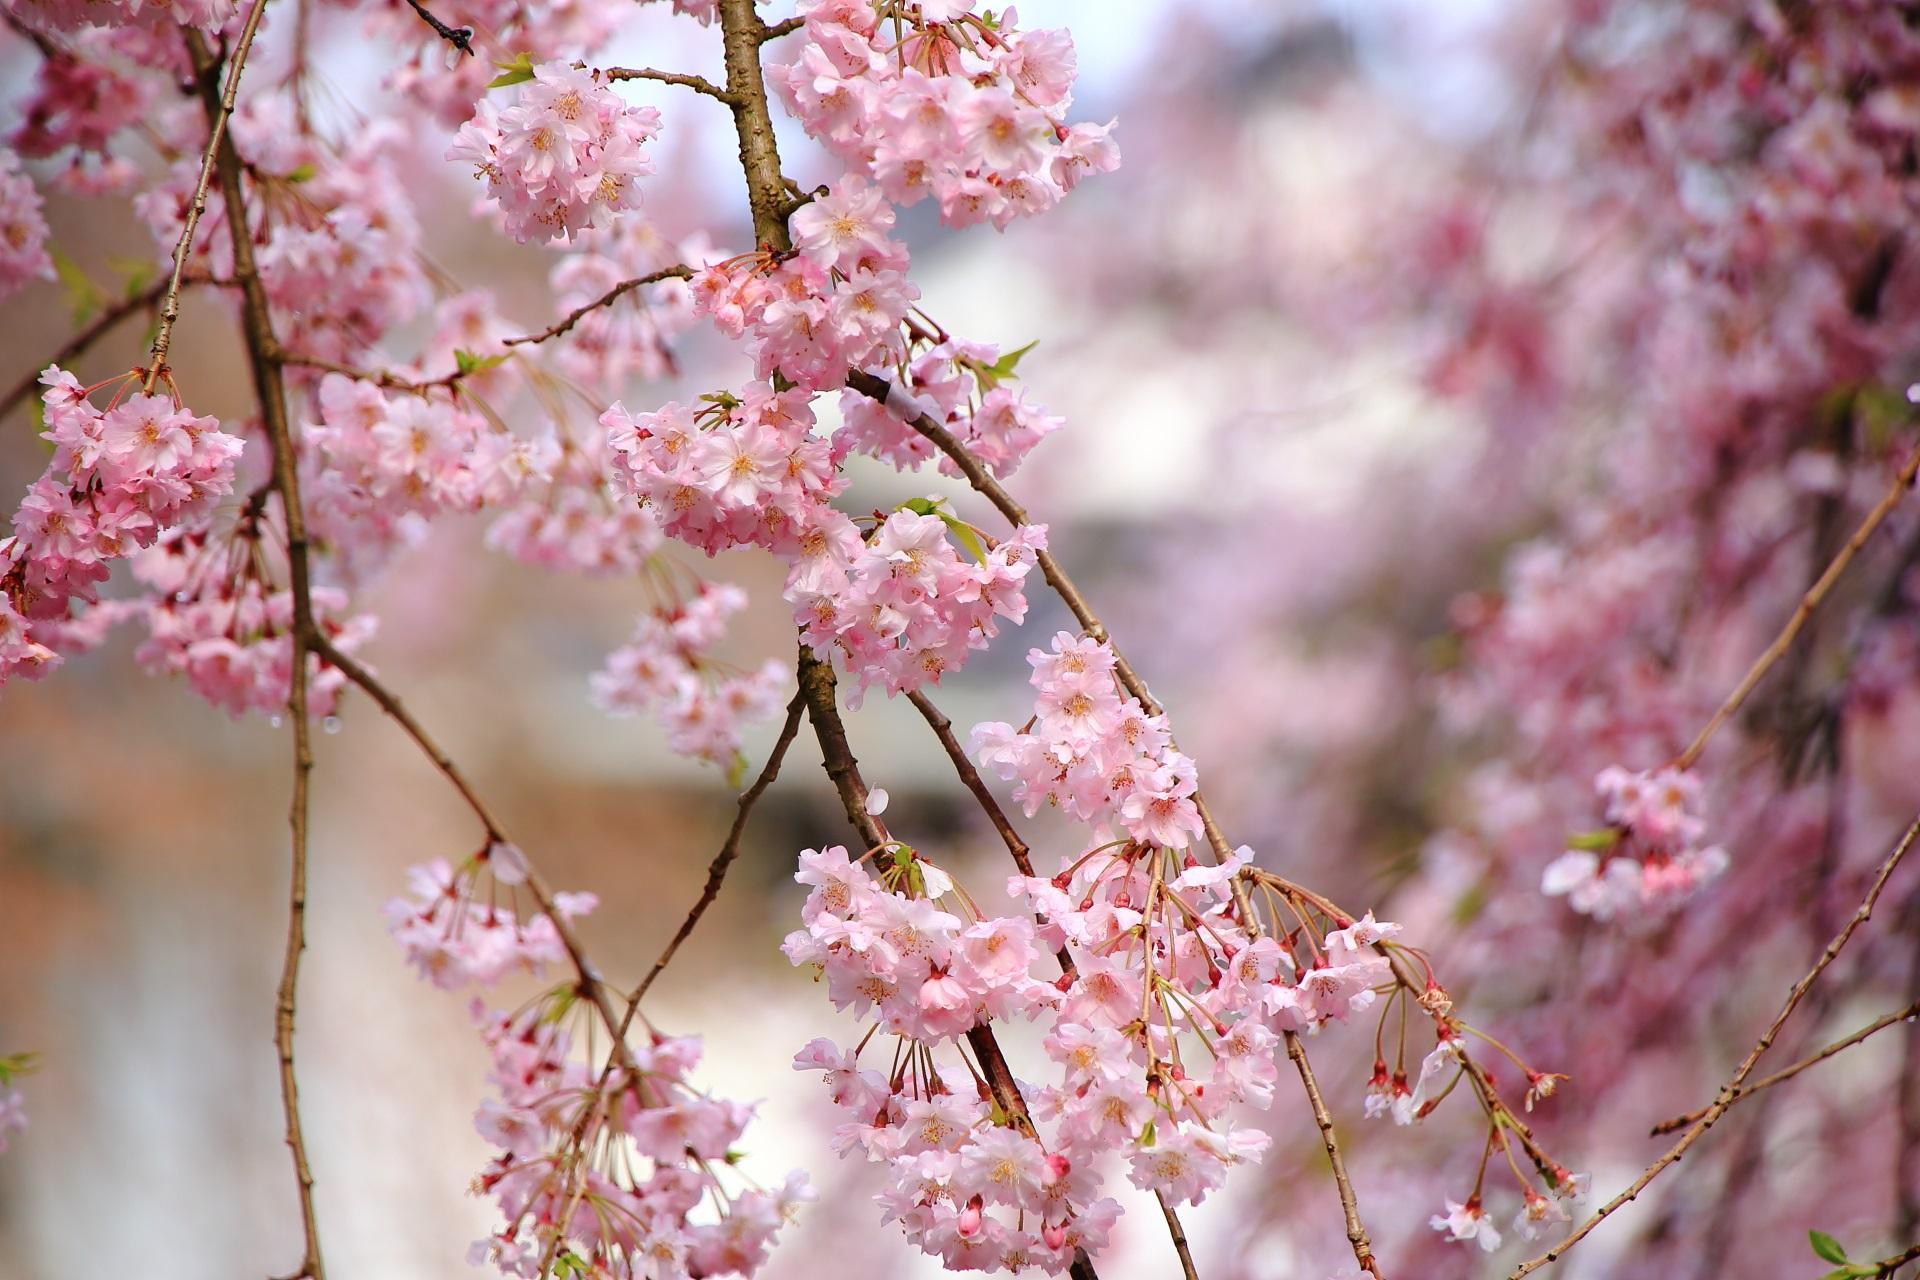 繊細で可愛いピンクの花びら